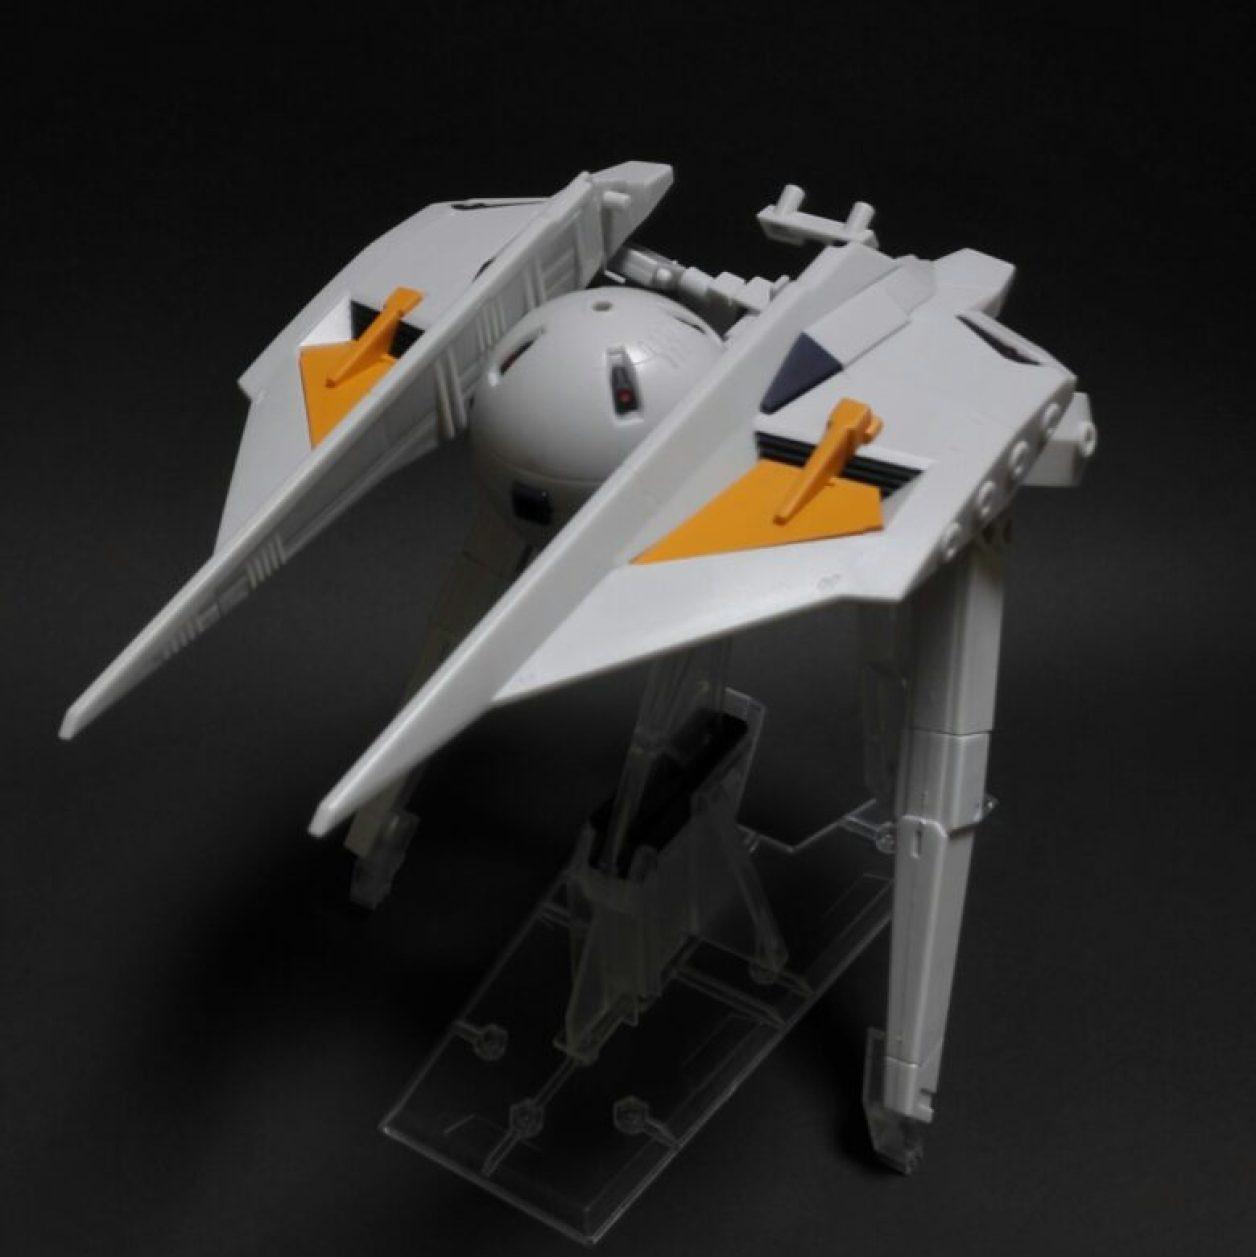 MOBILE SUIT ENSEMBLE EX09弾のガンダム TR-6「インレ」のレビューより下部構成ユニットであるダンディライアンiiユニットのMS(モビルスーツ)形態の画像